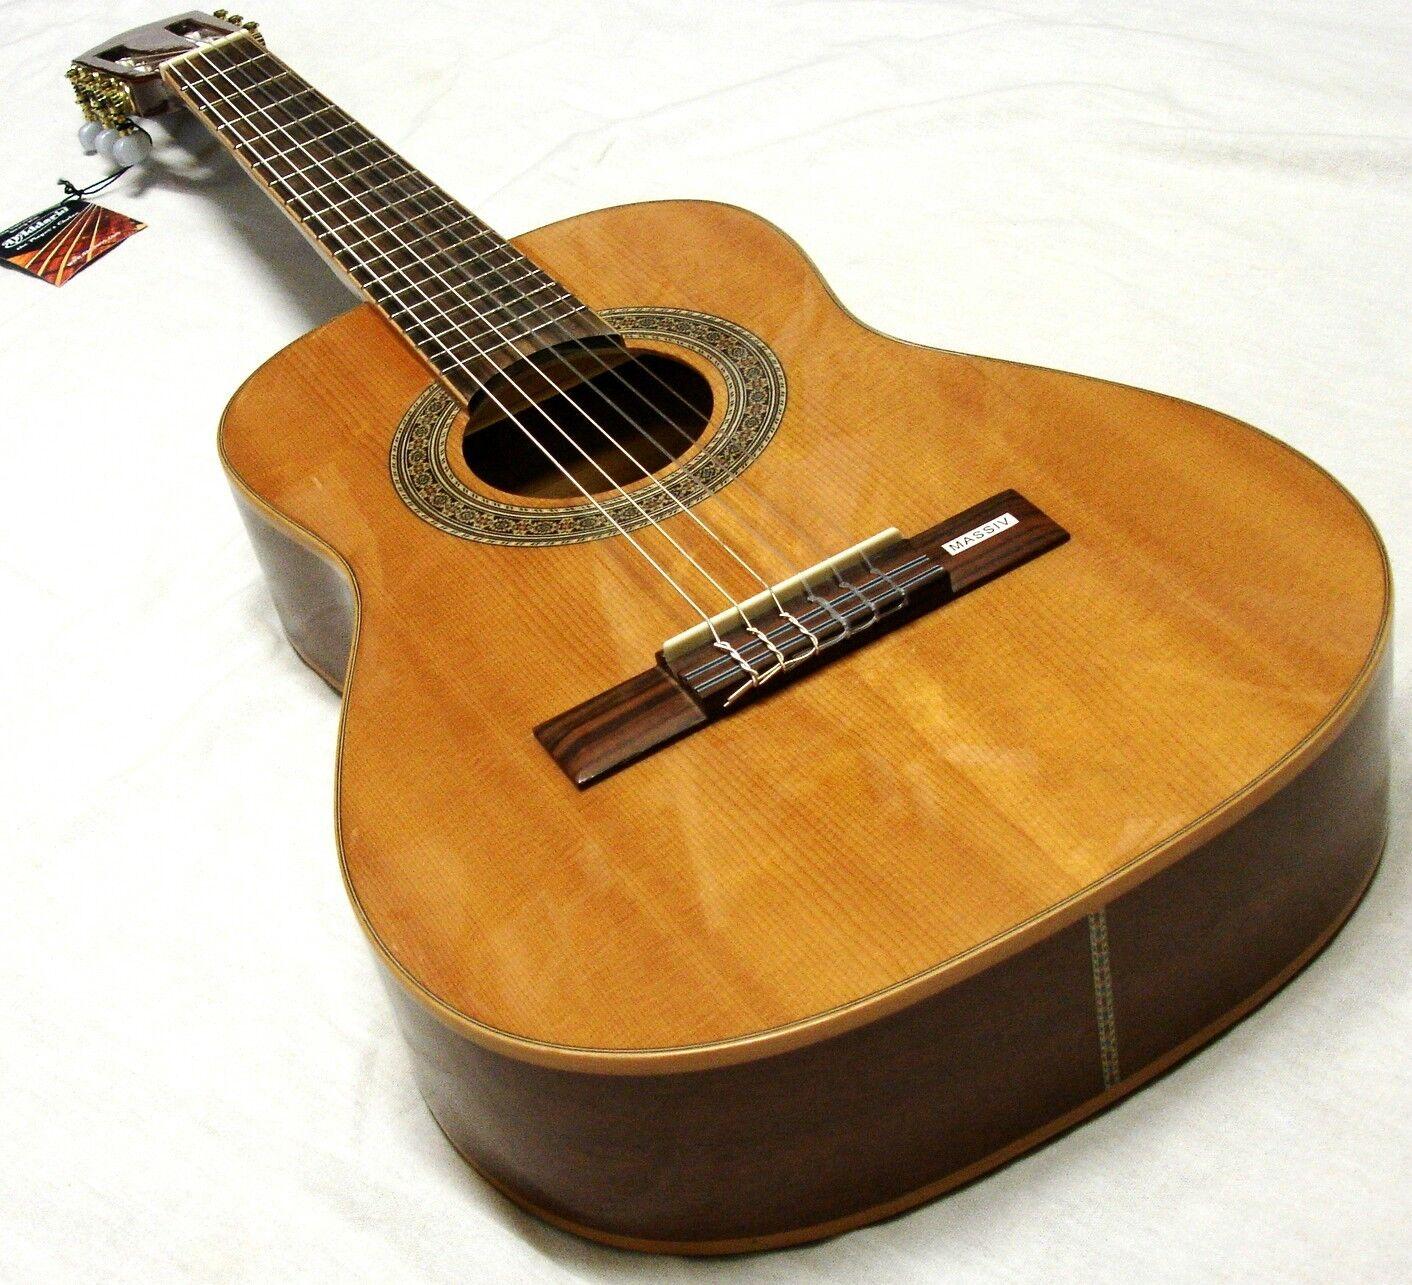 Junior-guitarra MHG 813 813 813 3 4 talla masivamente     n e u <<< 589d25